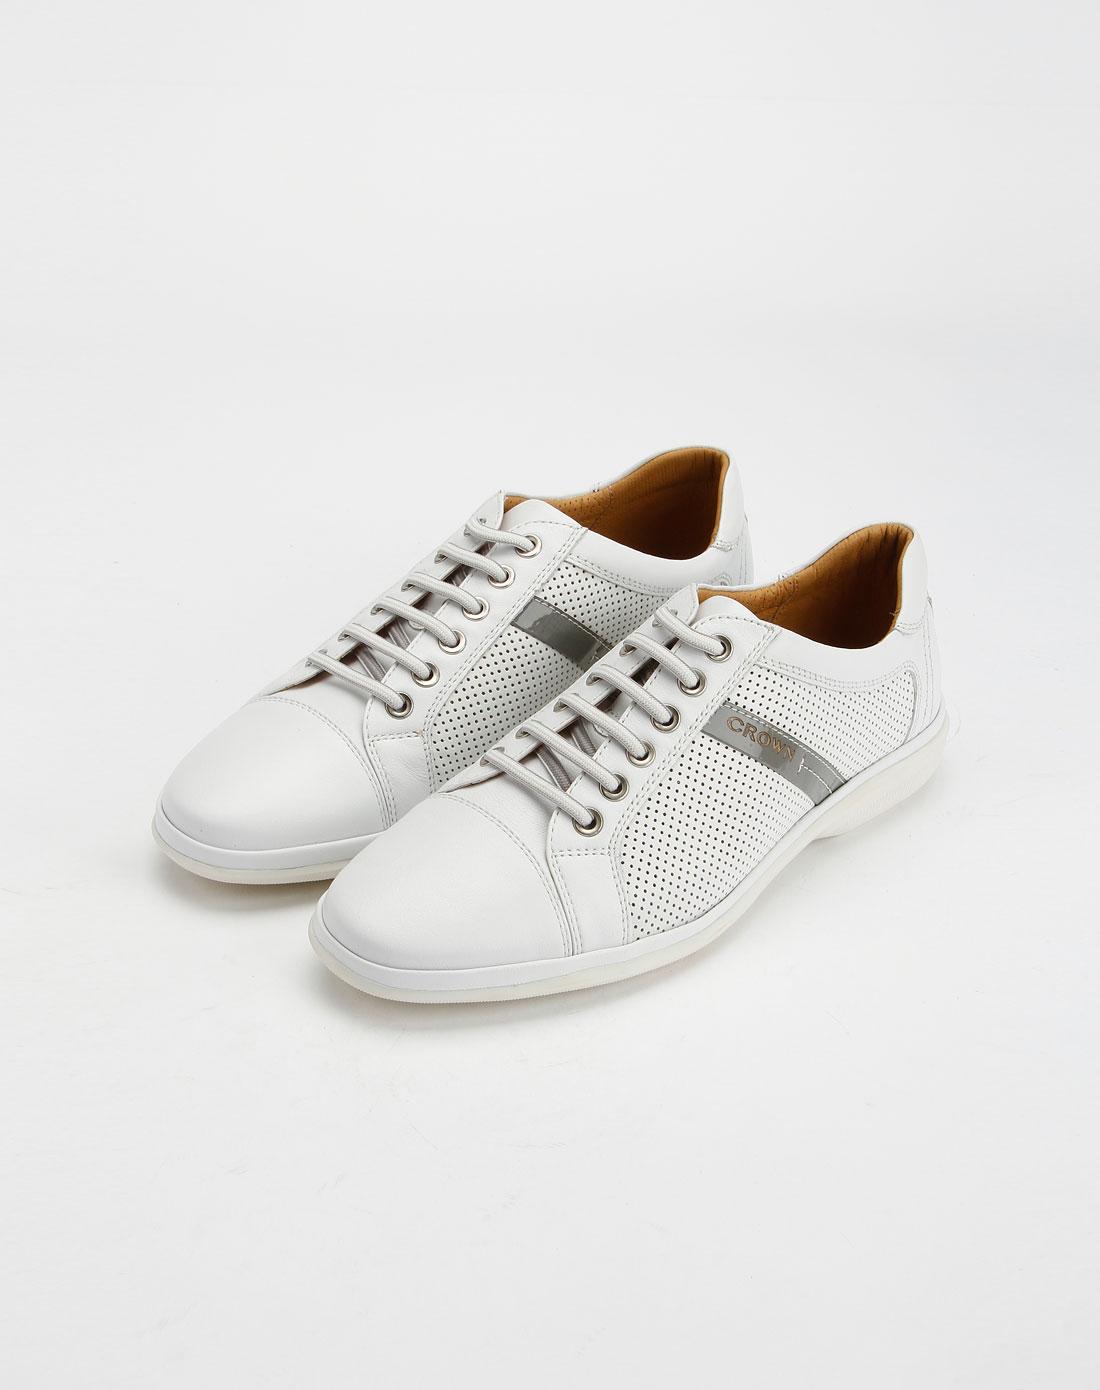 皇冠crown男款白色时尚休闲皮鞋